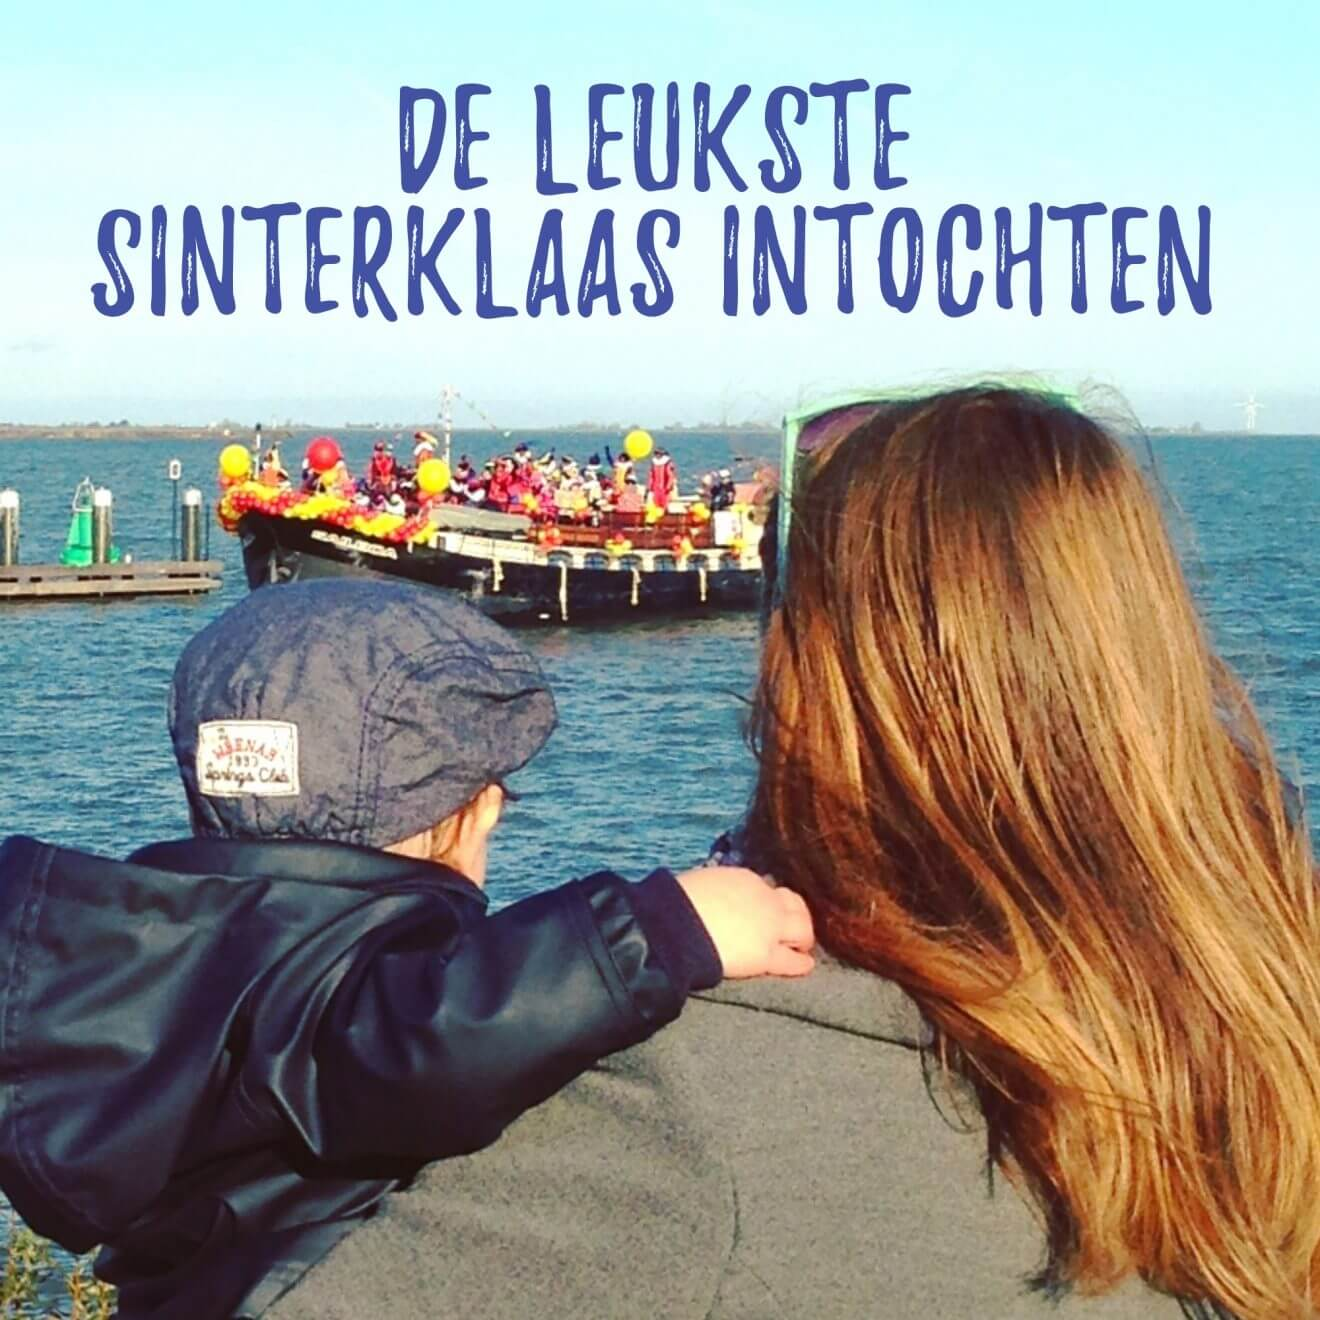 De leukste Sinterklaasintochten van 2017 in heel Nederland